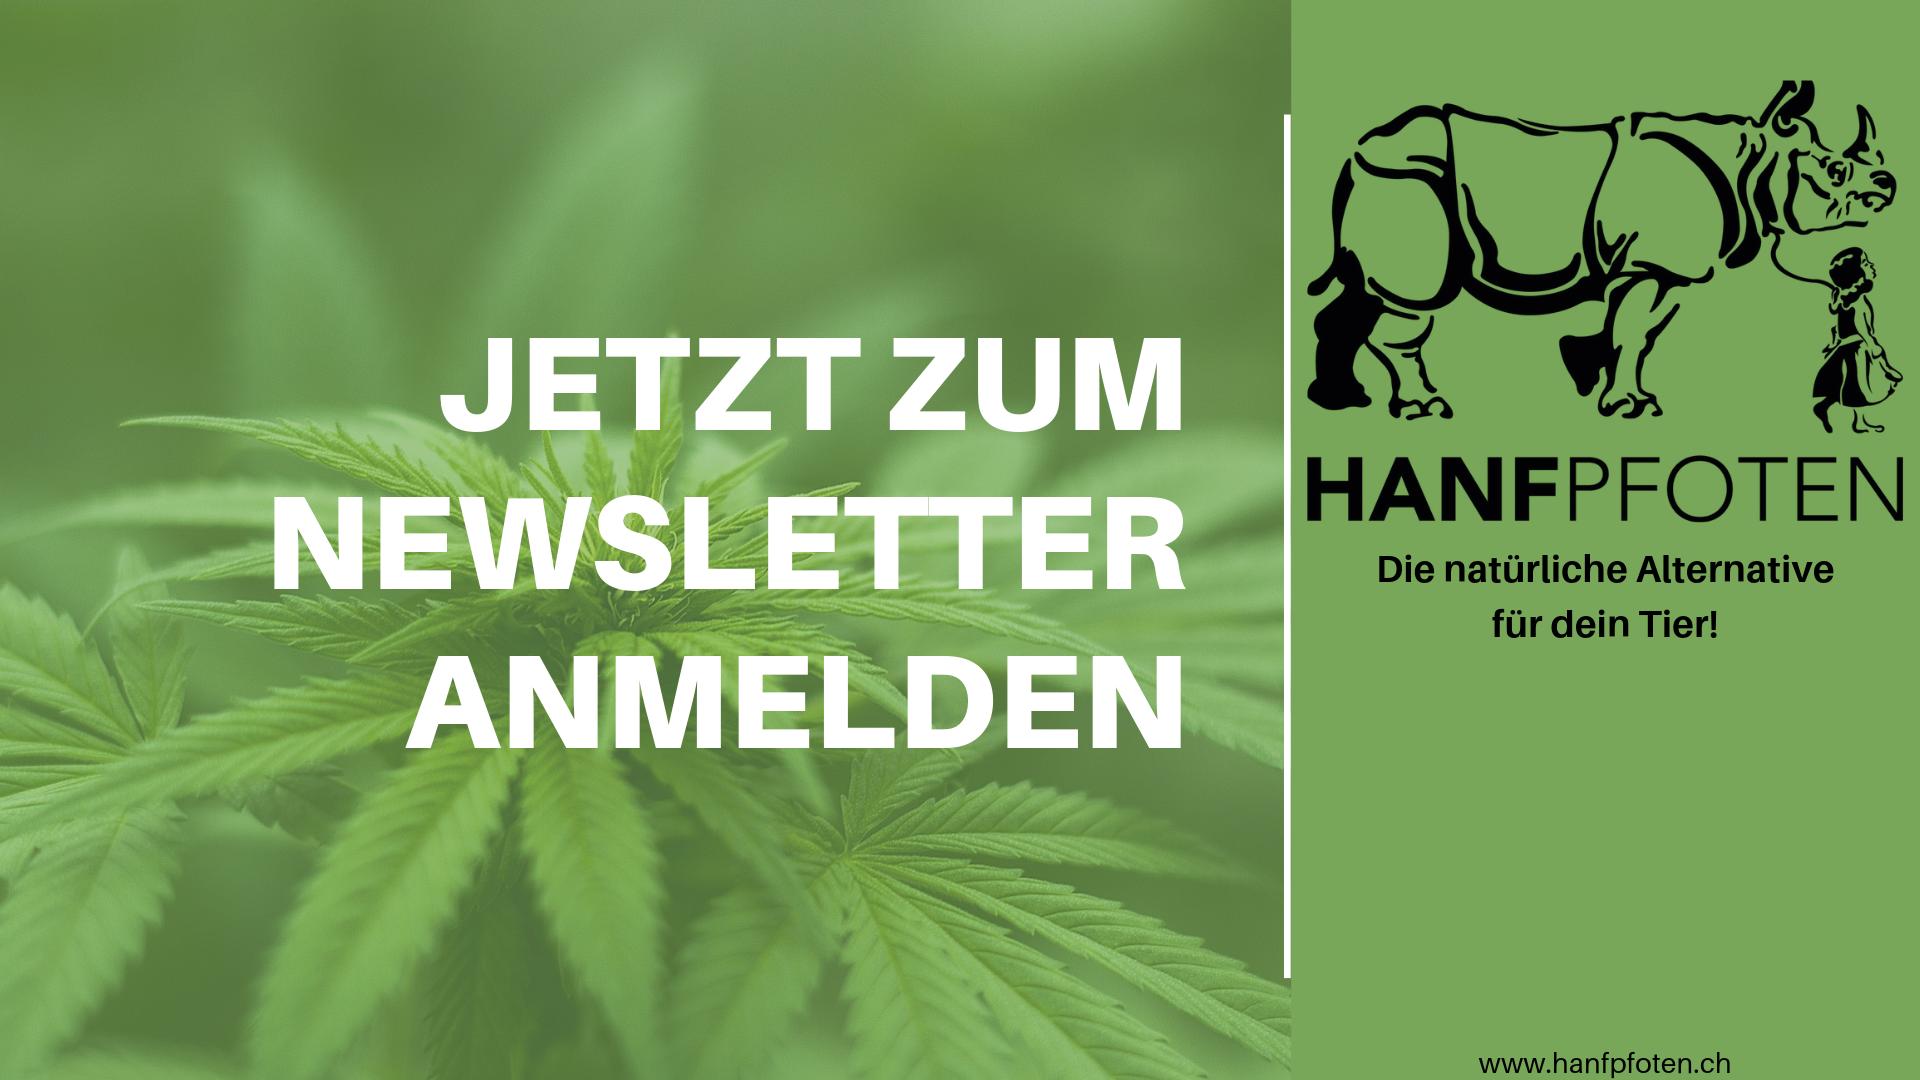 Der Hanfpfoten-Newsletter ist da!